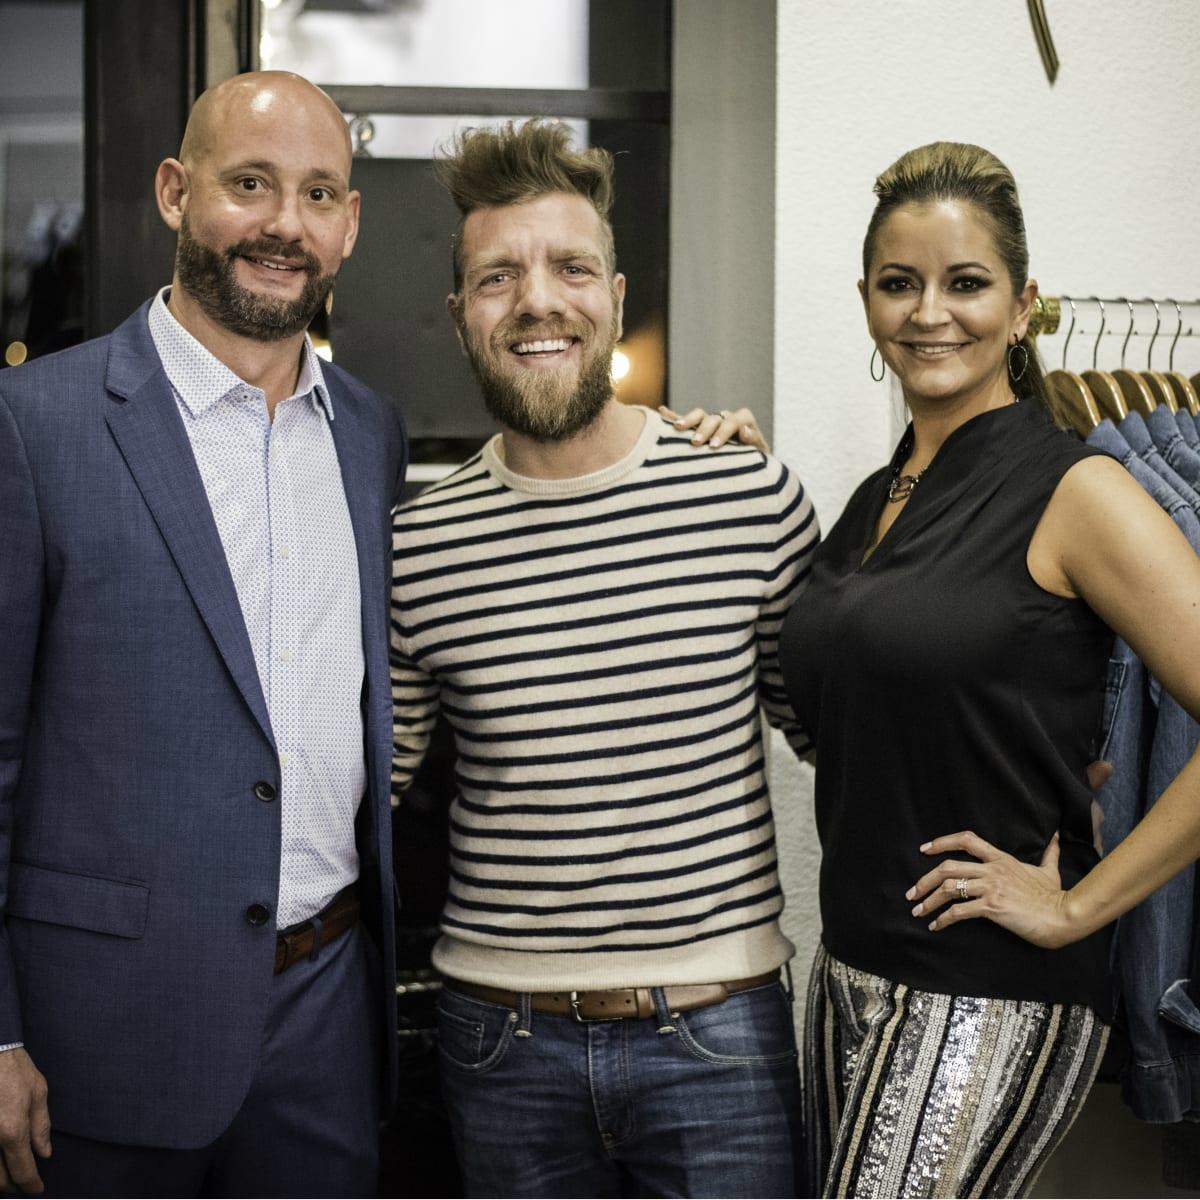 Tim Schmelzer, Benjamin Krick, Karen Cuellar-Schmelzer